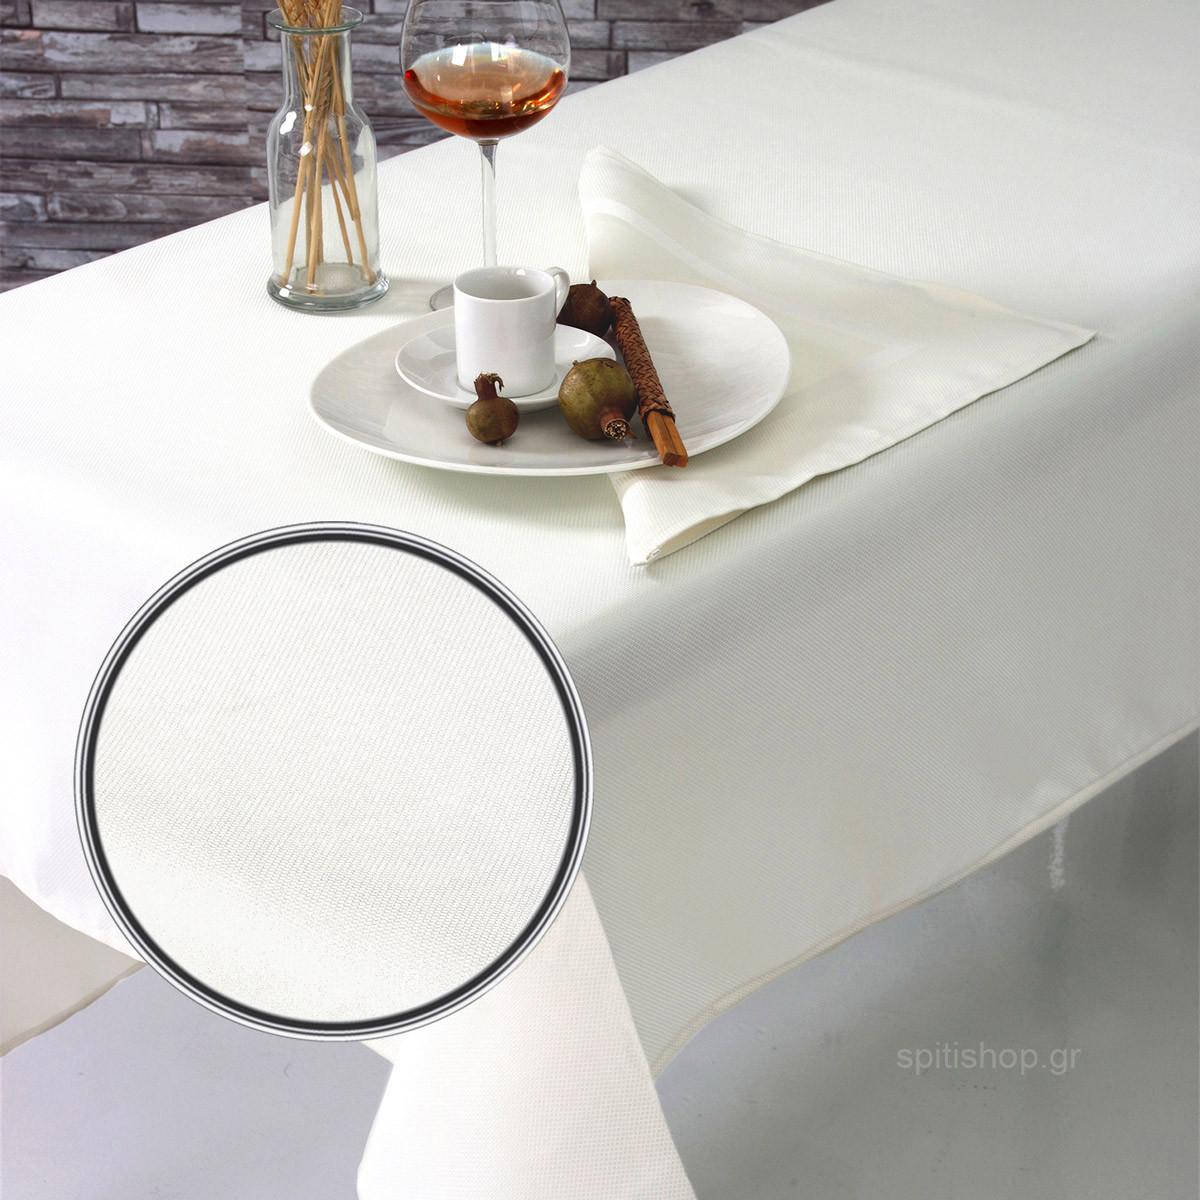 Πετσέτες Φαγητού (Σετ 2τμχ) Sb Home Charm Cream